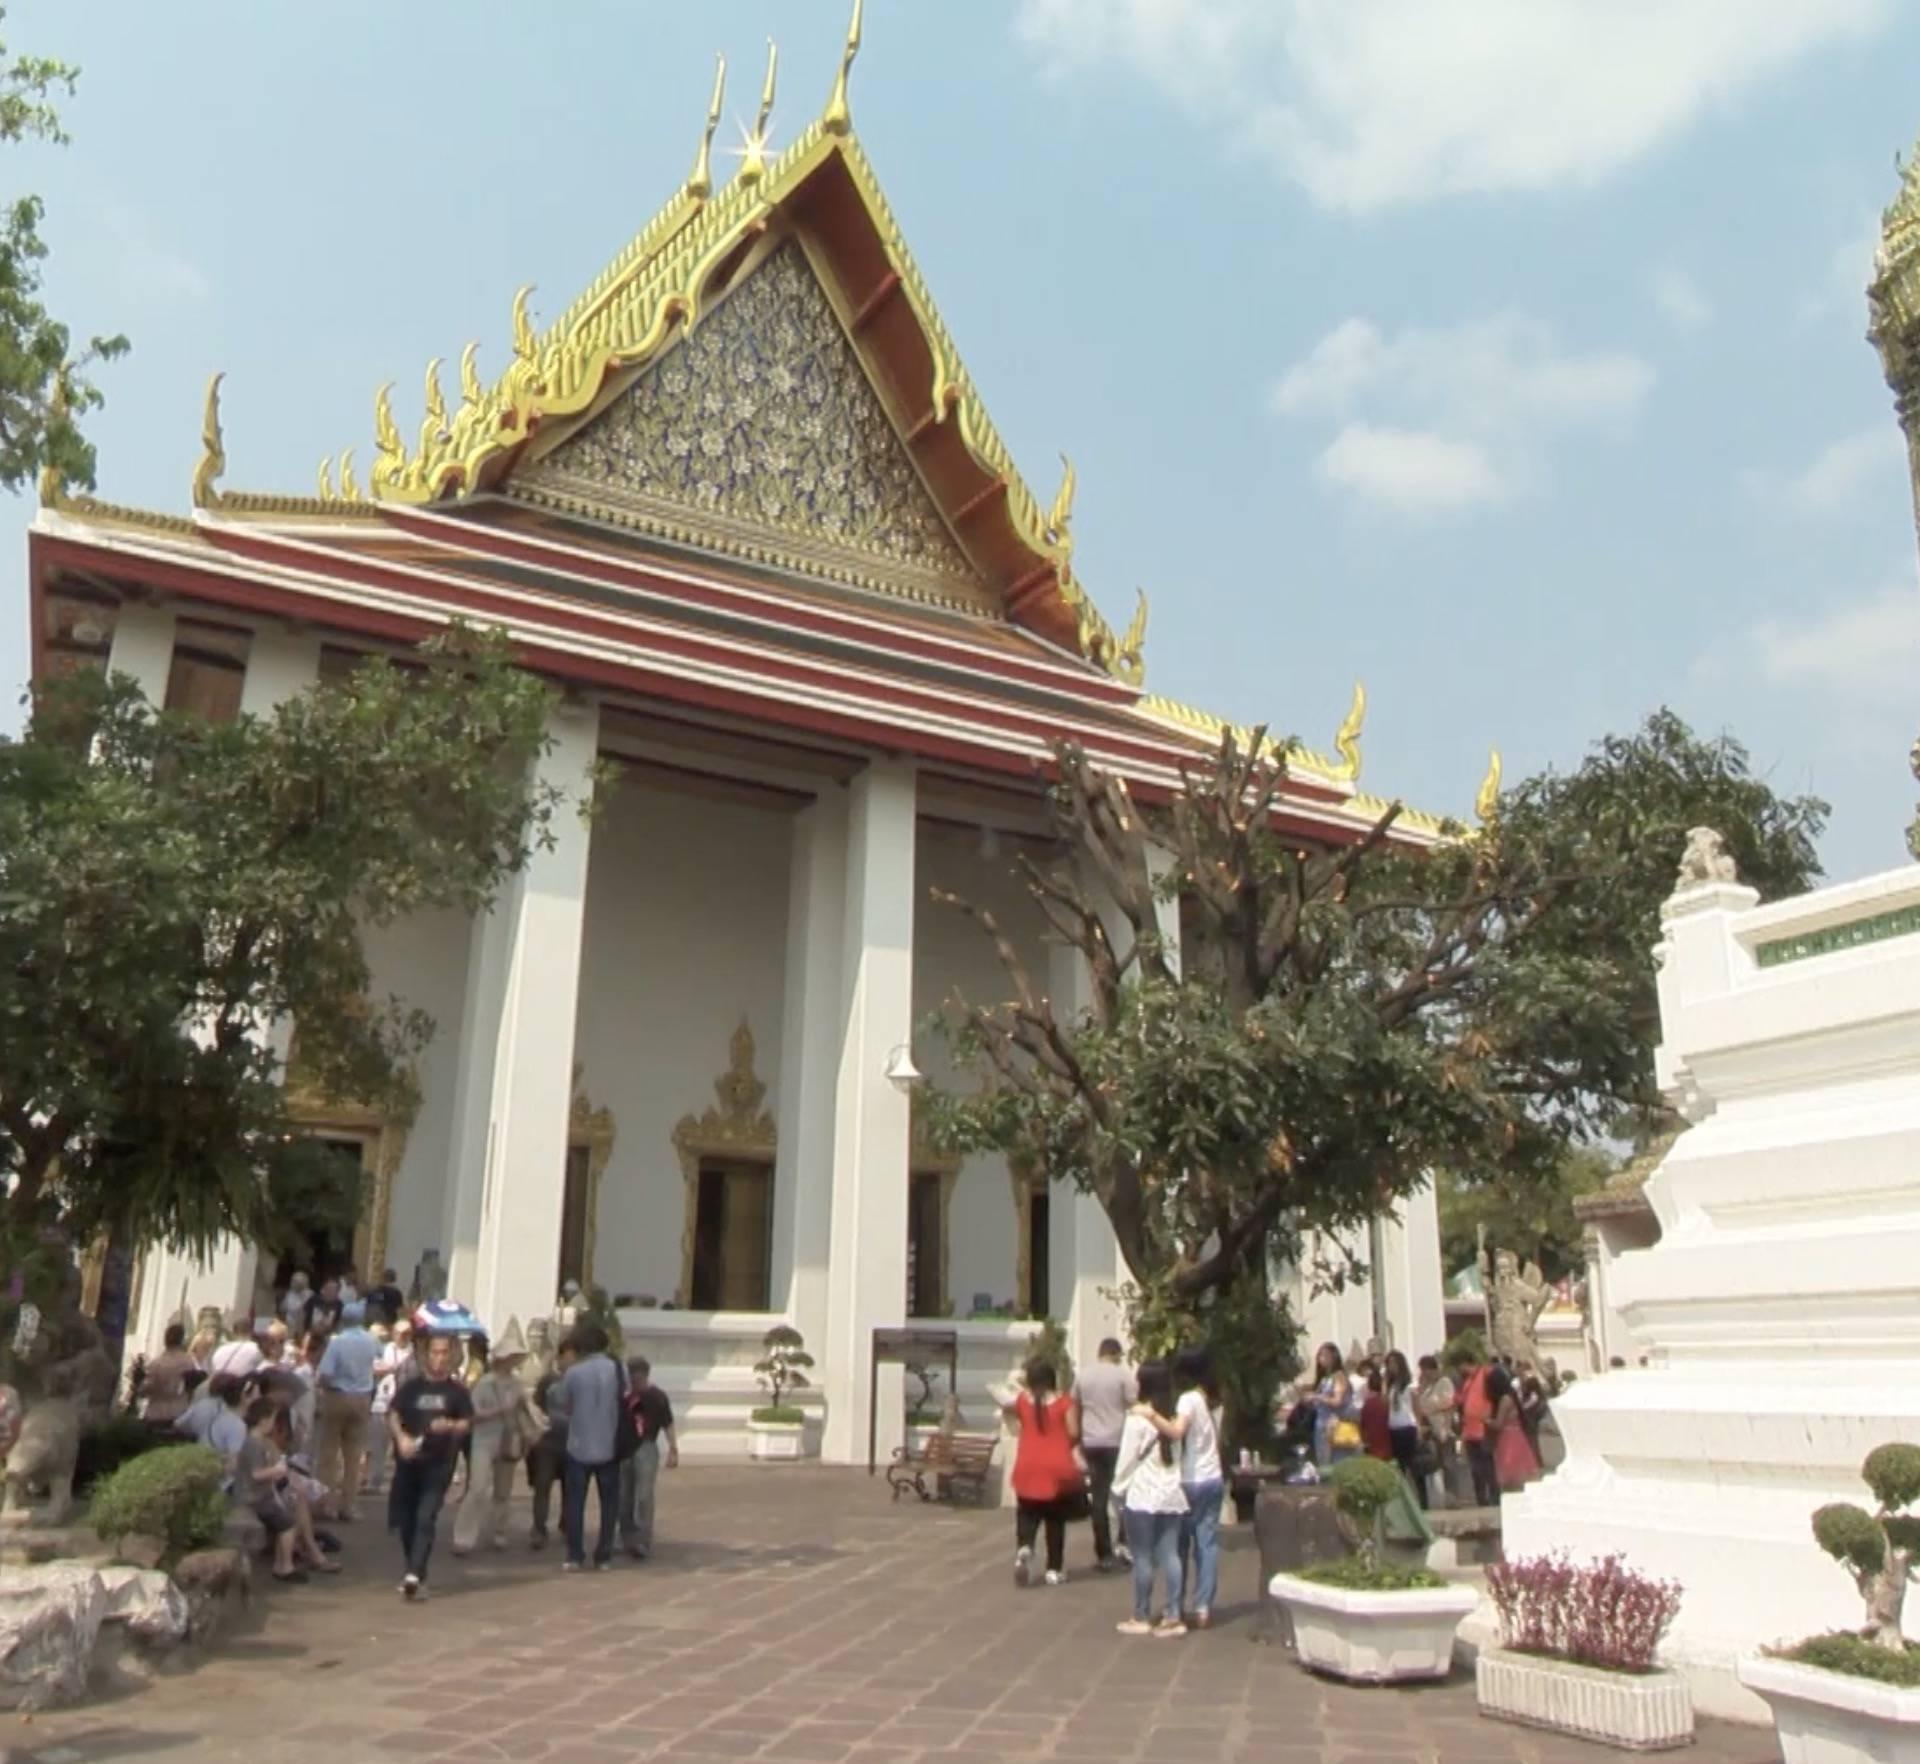 Šetnja po Bangkoku: Svaki kip Bude ima drugačije značenje...